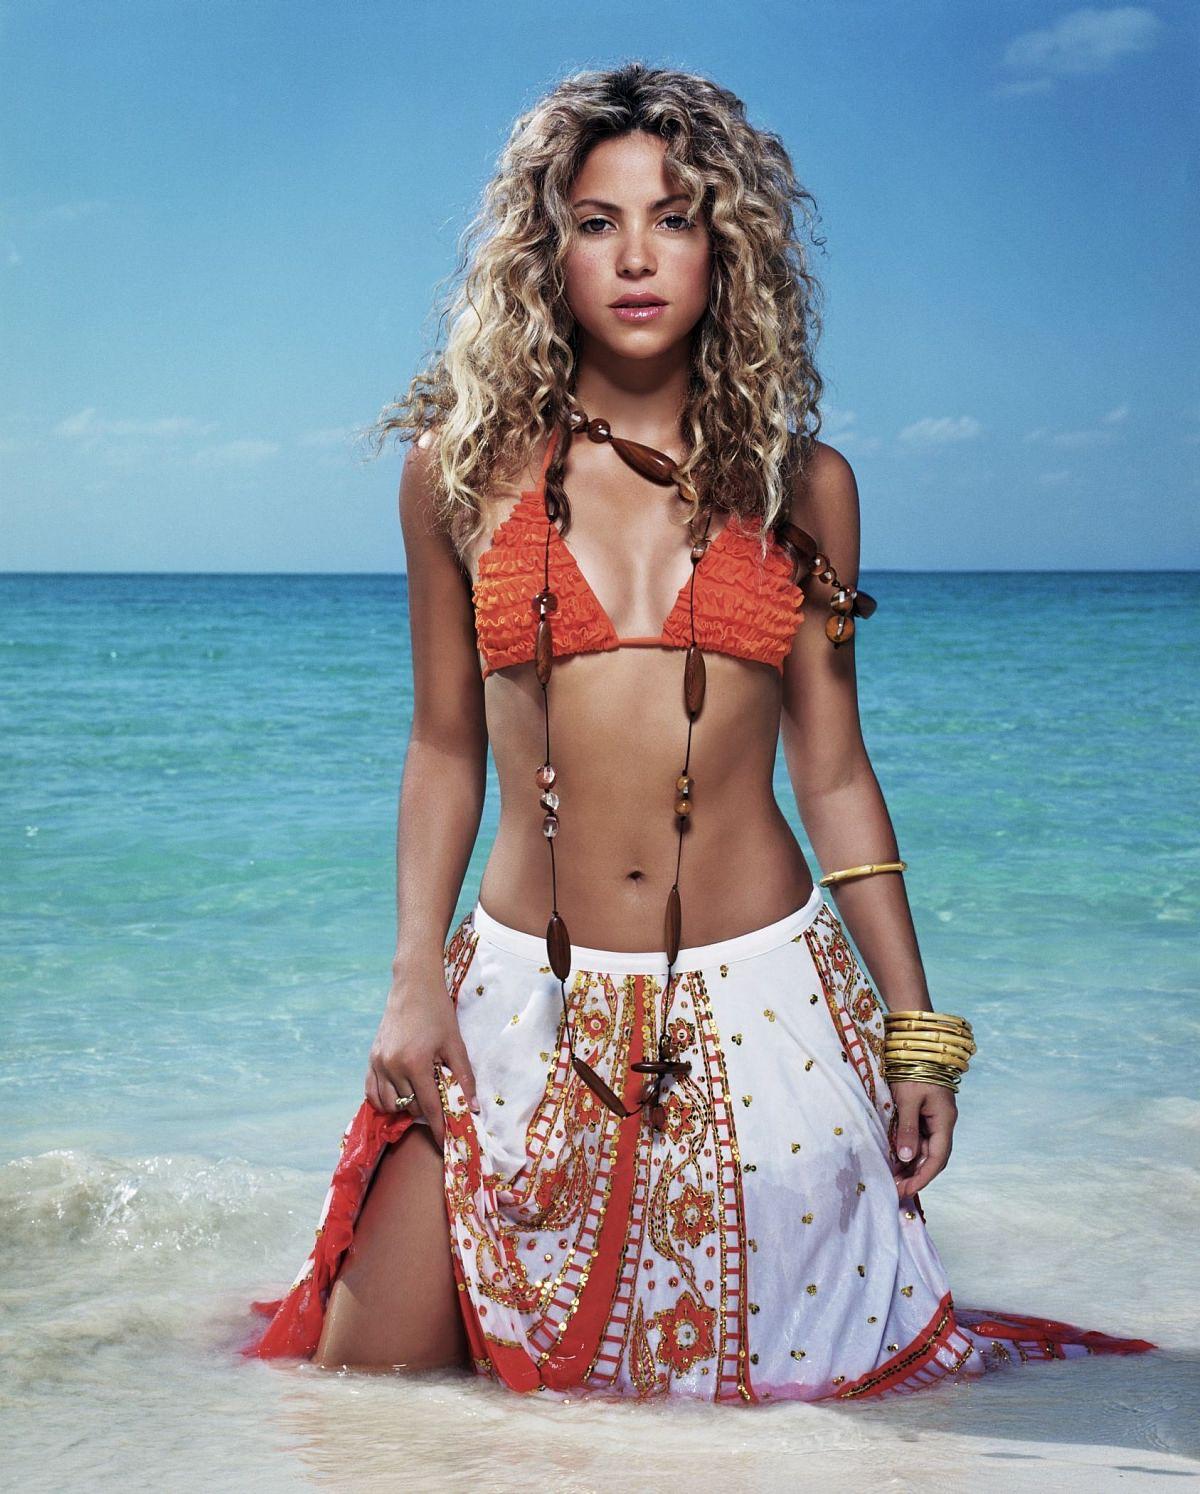 http://3.bp.blogspot.com/_GCAuqodmOE4/TQECAyIzC3I/AAAAAAAAFRY/v68--a3KMQU/s1600/shakira-bikini-07.jpg